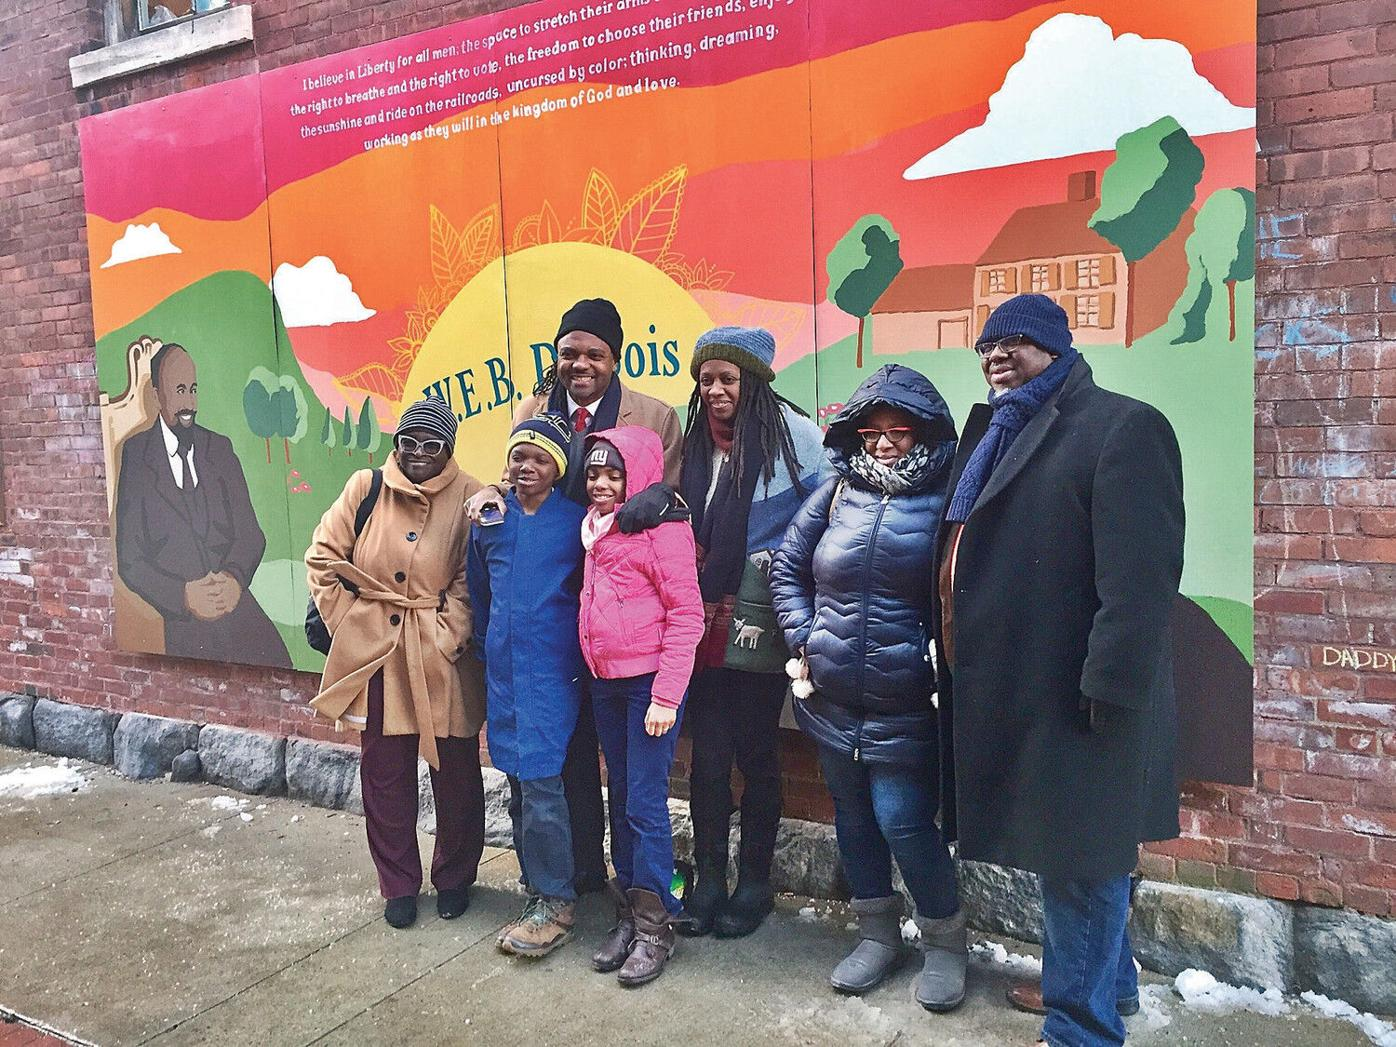 Art in honor: W.E.B. Du Bois mural goes up in Great Barrington